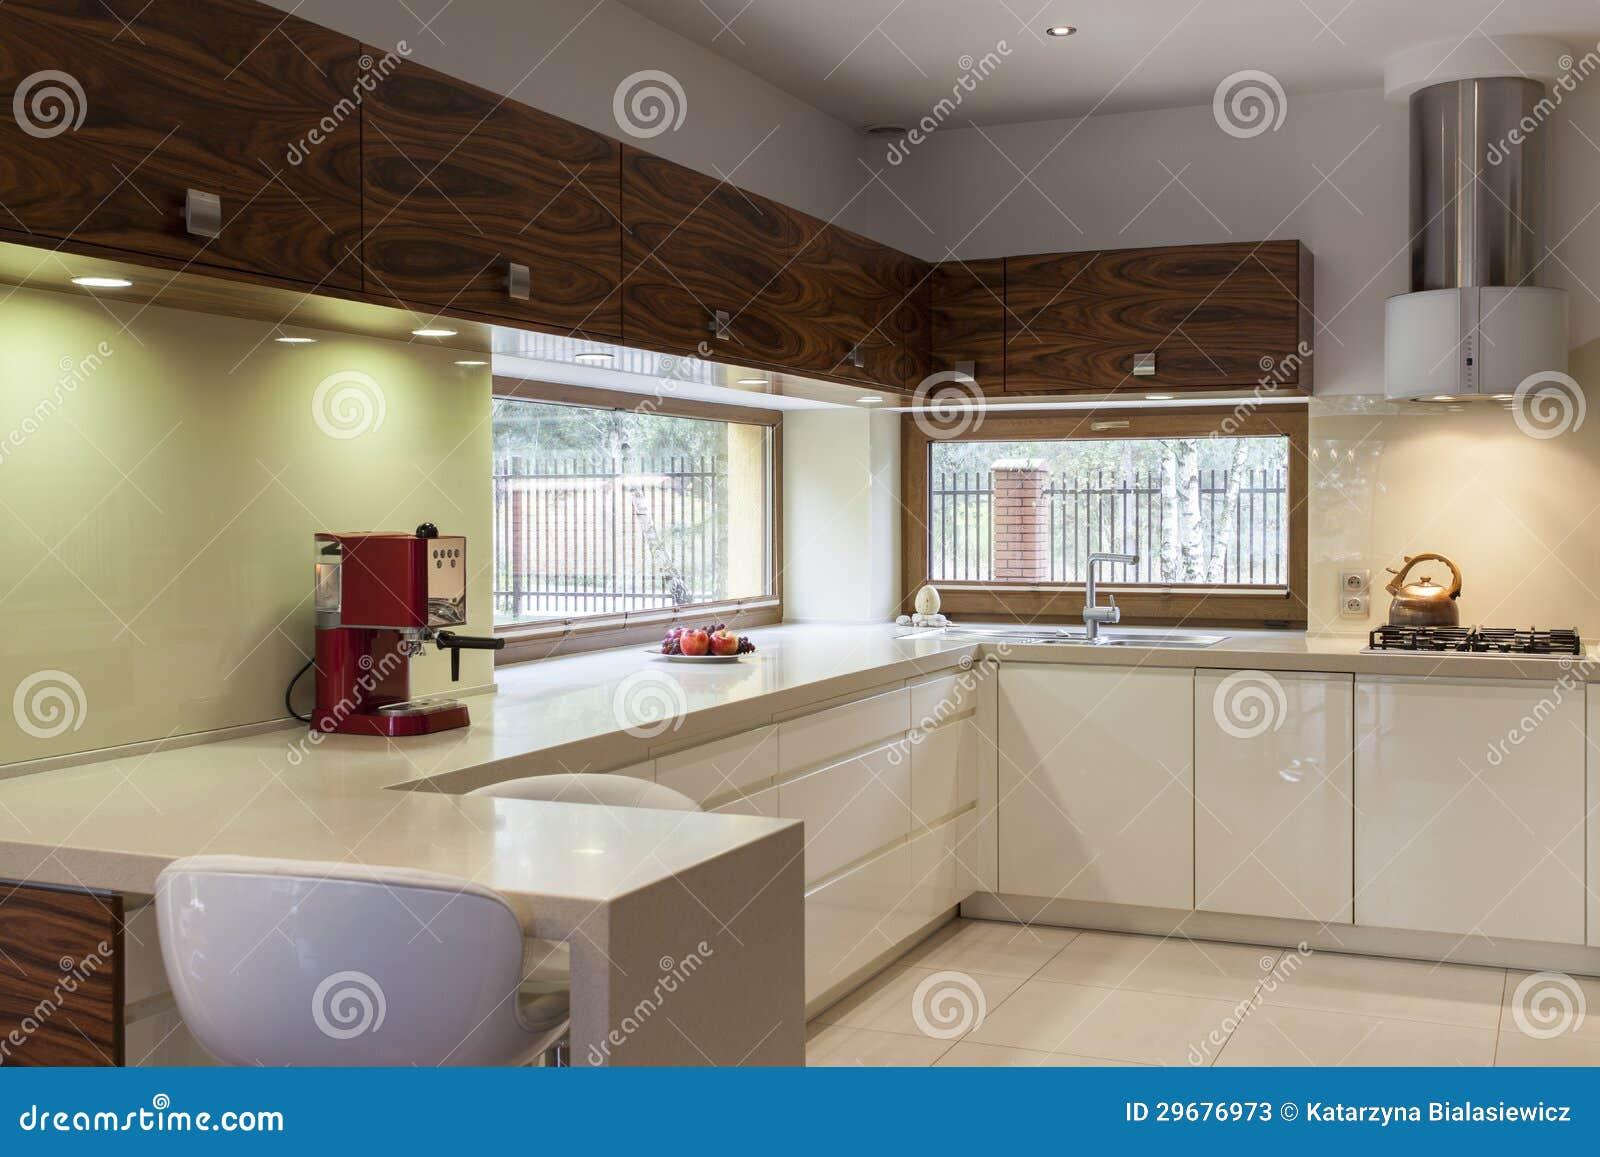 Cocina blanca con muebles de madera fotos de archivo for Cocinas con muebles